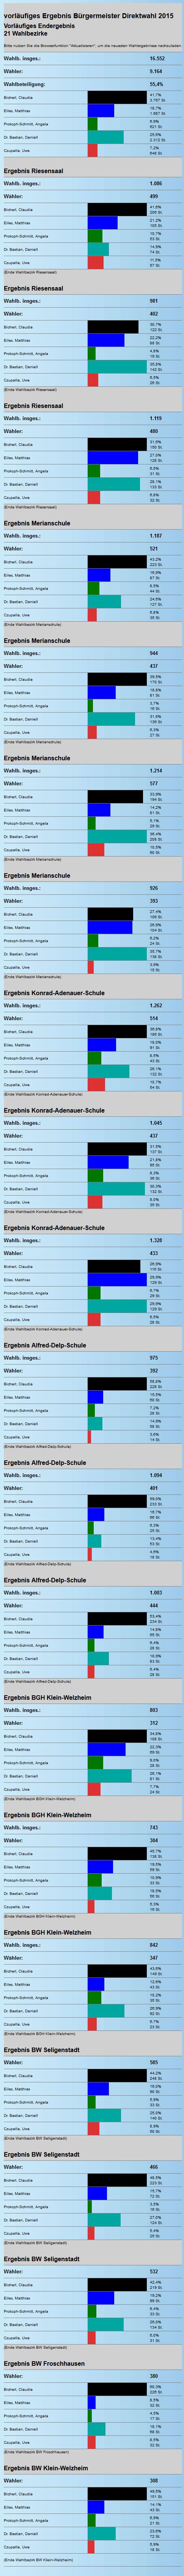 buergermeister-seligenstadt-ergebnis-2015